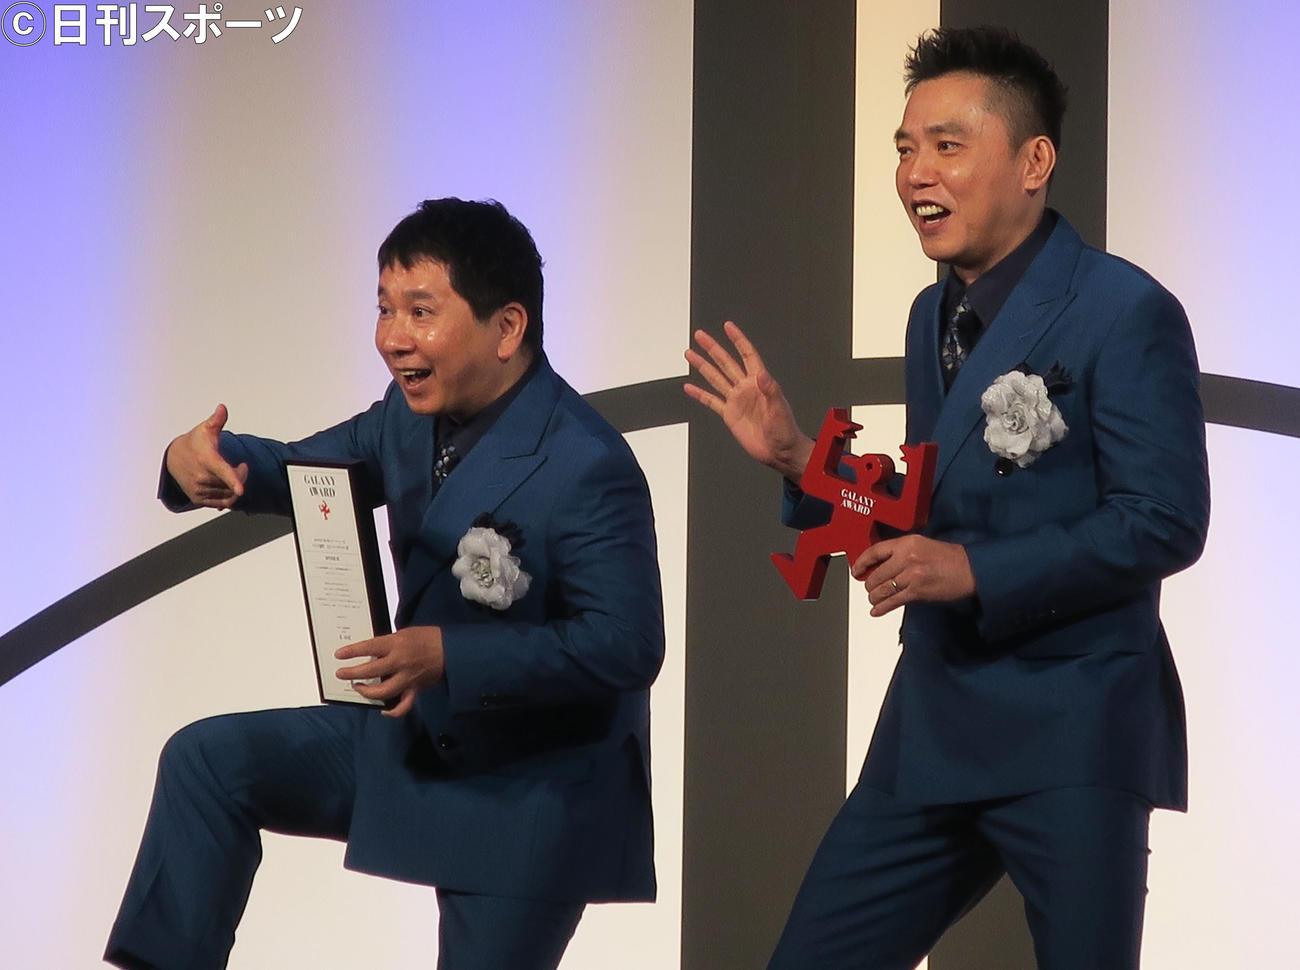 「第57回ギャラクシー賞ラジオ部門DJパーソナリティー賞を受賞し喜びを語る爆笑問題。左から田中裕二、太田光